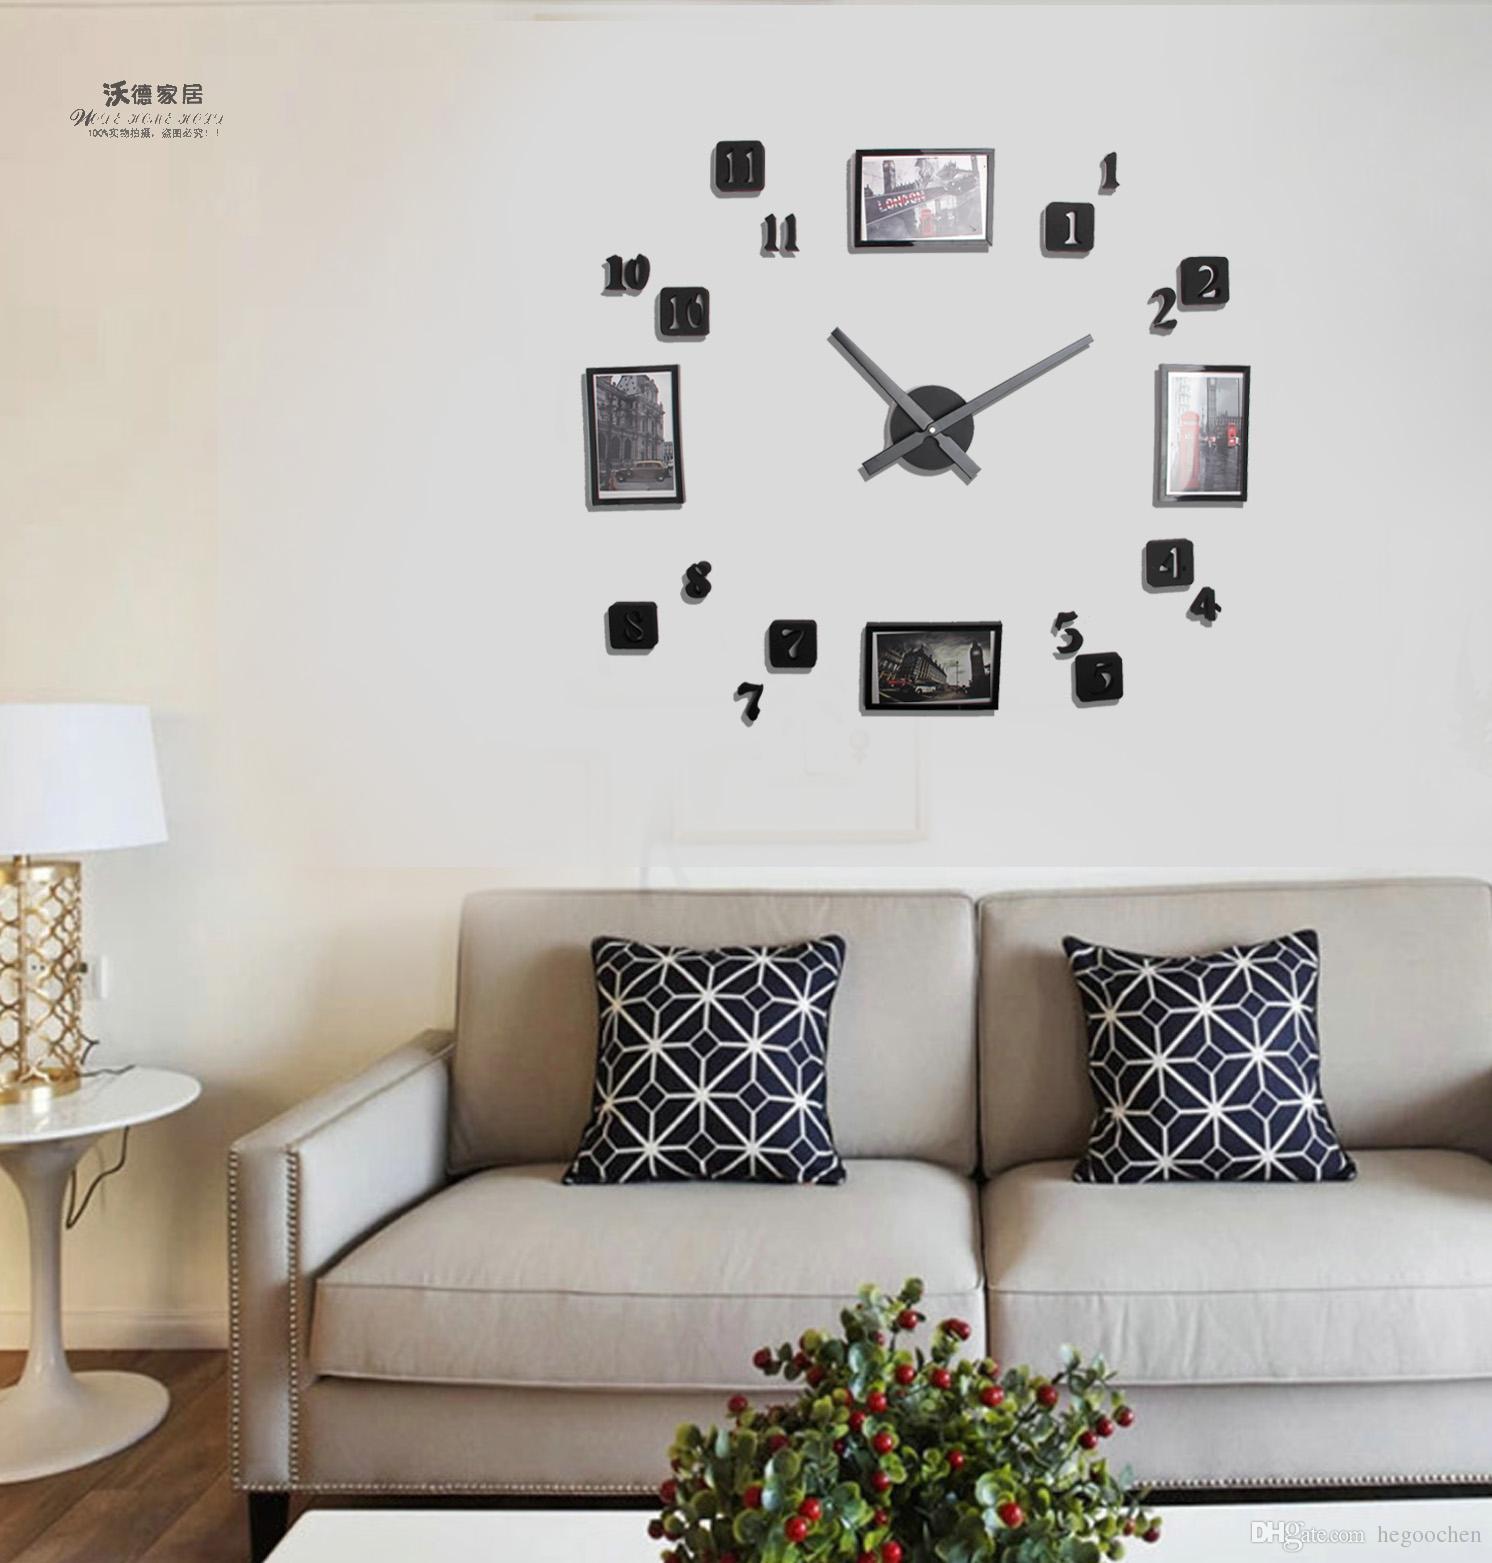 Fullsize Of Digital Clock For Living Room